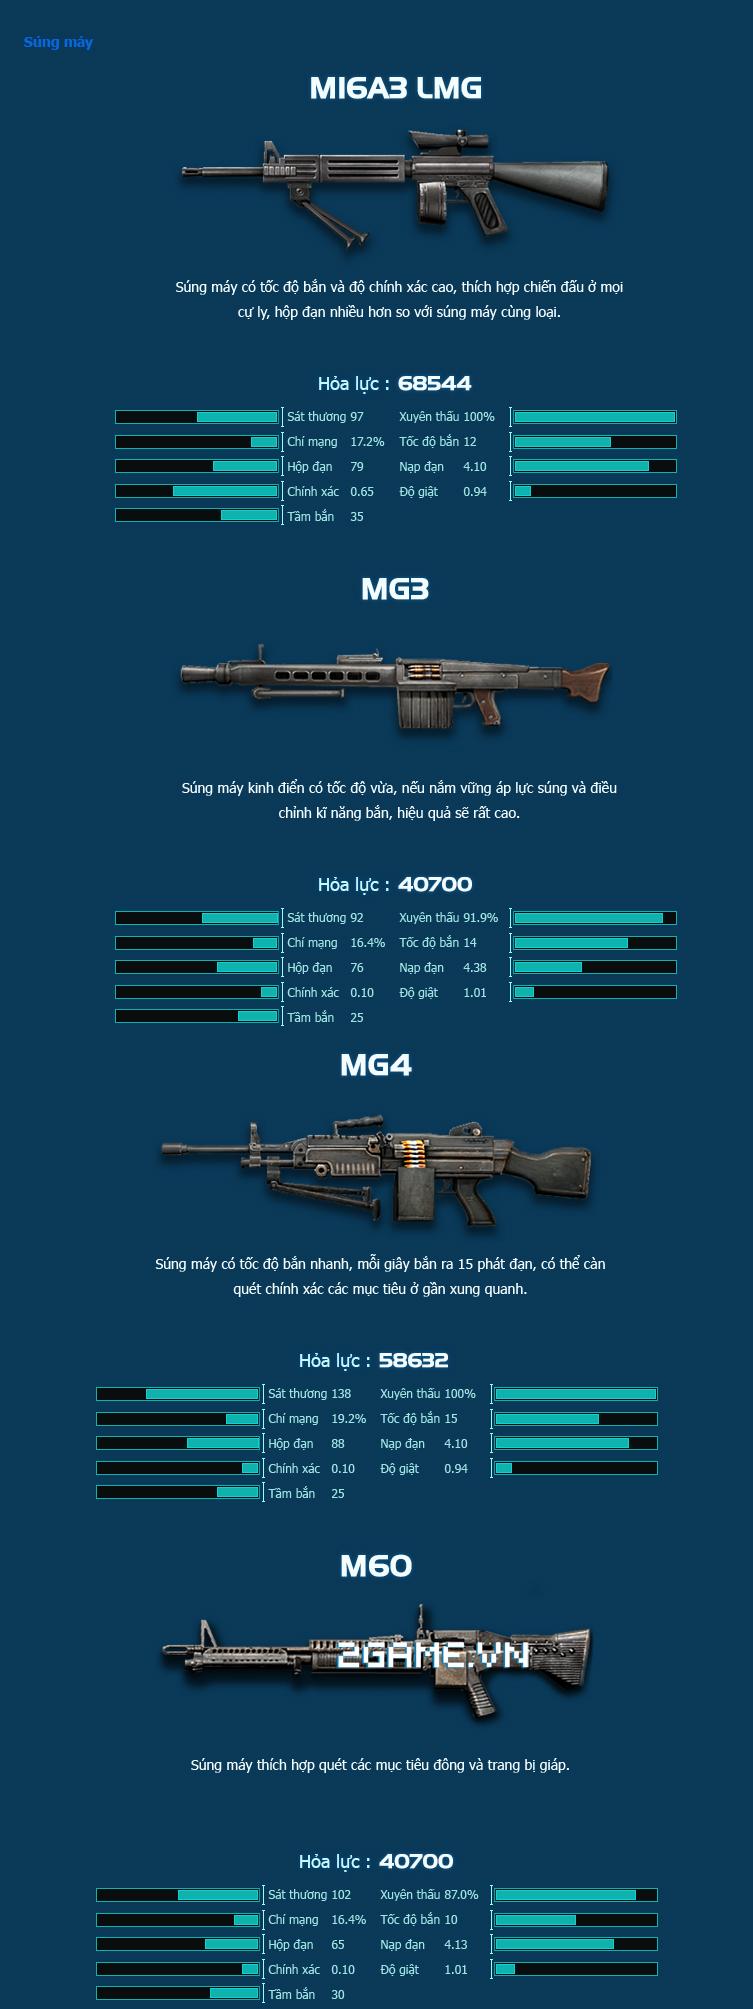 Chiến Dịch Huyền Thoại giới thiệu hệ thống vũ khí 1